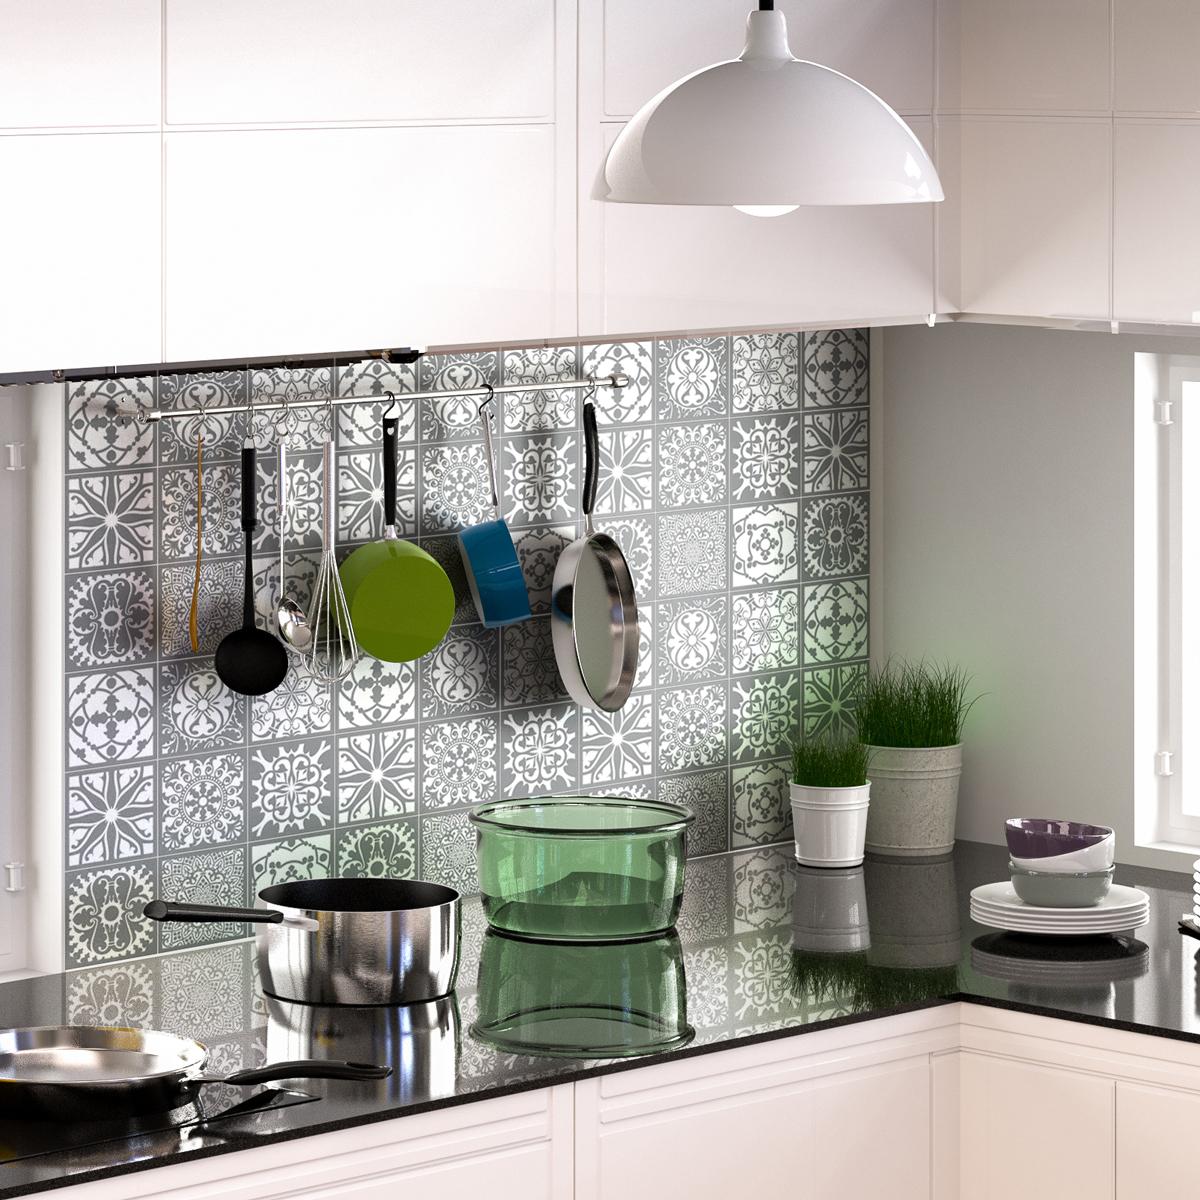 60 stickers carrelages azulejos nuance de gris authentiques art et design artistiques. Black Bedroom Furniture Sets. Home Design Ideas